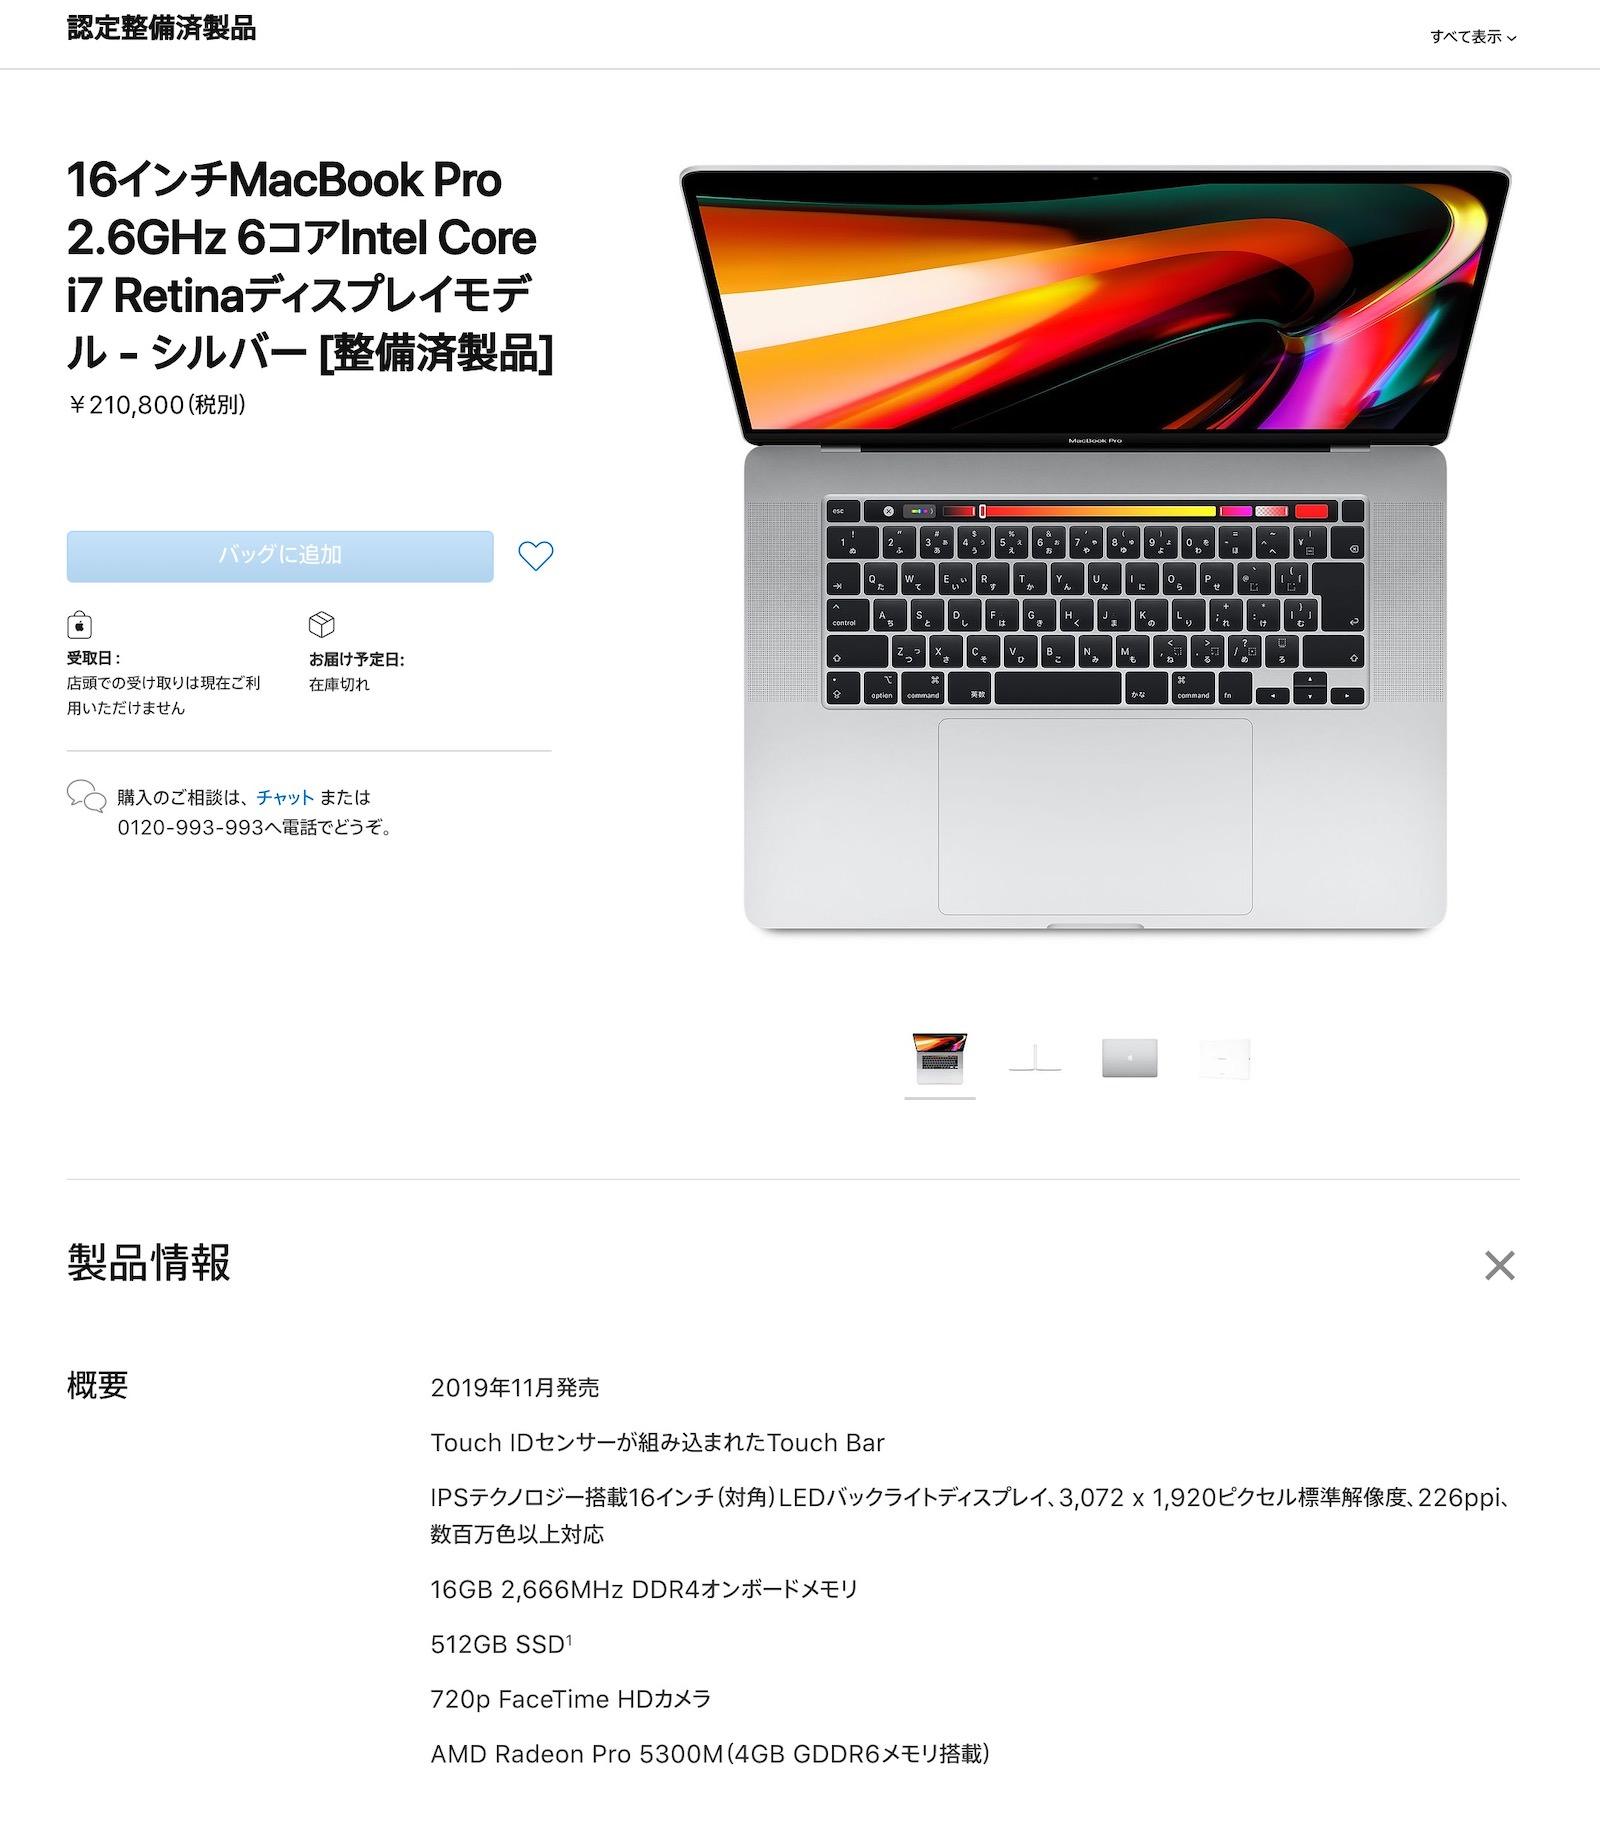 整備済みのMacBook Pro 16インチ